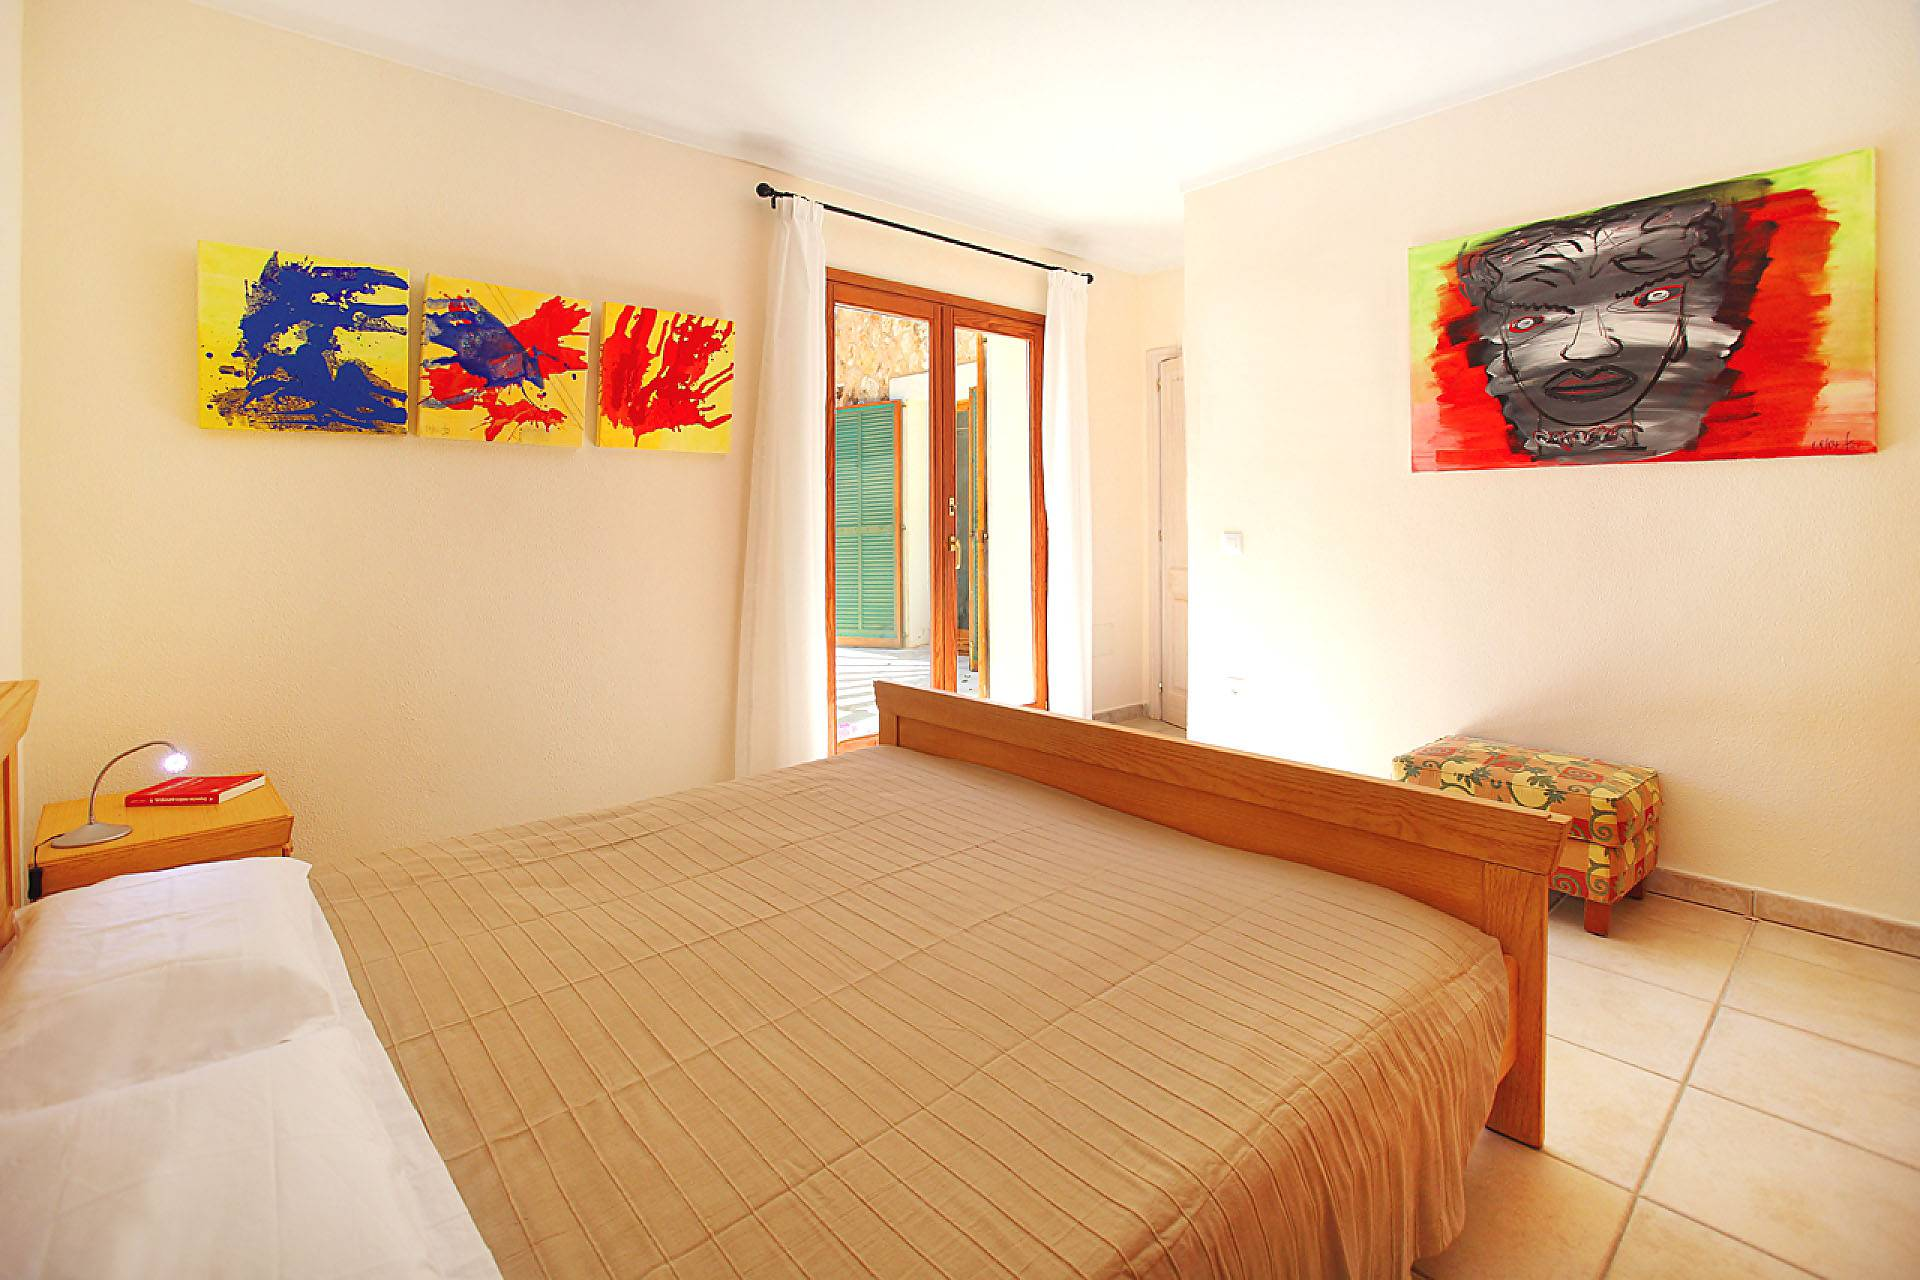 01-174 Gemütliches Ferienhaus Mallorca Süden Bild 20